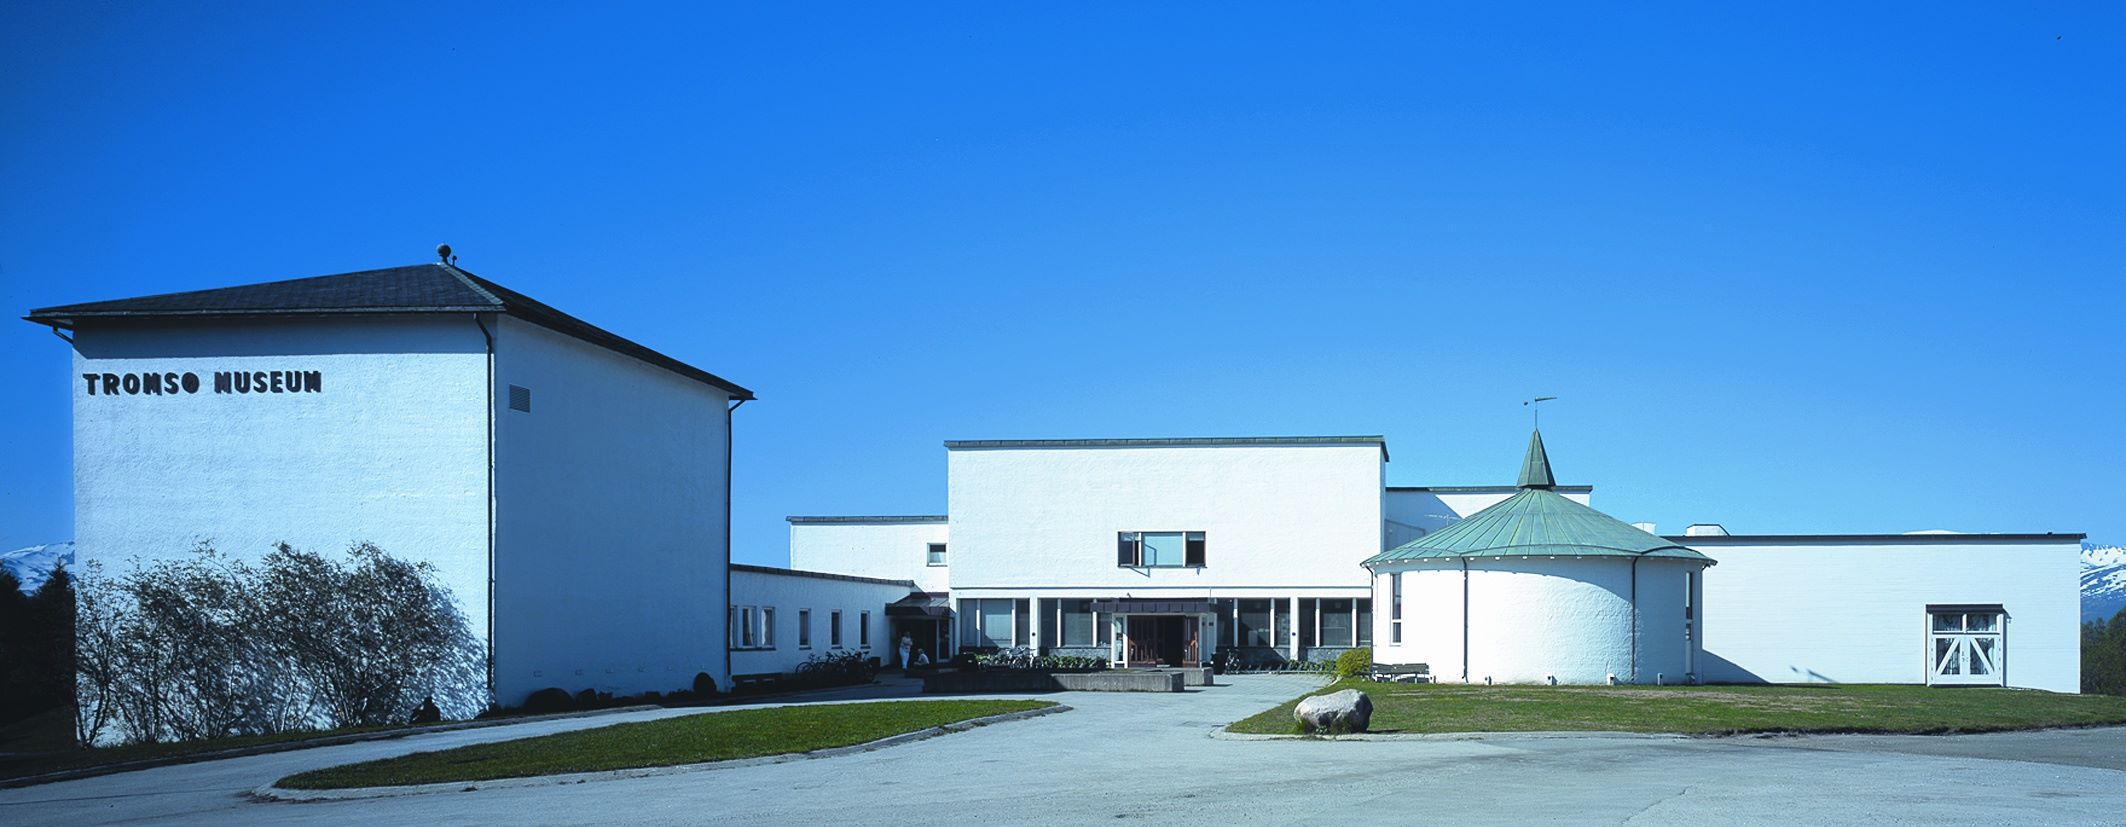 موزه های شهر ترومسو در نروژ